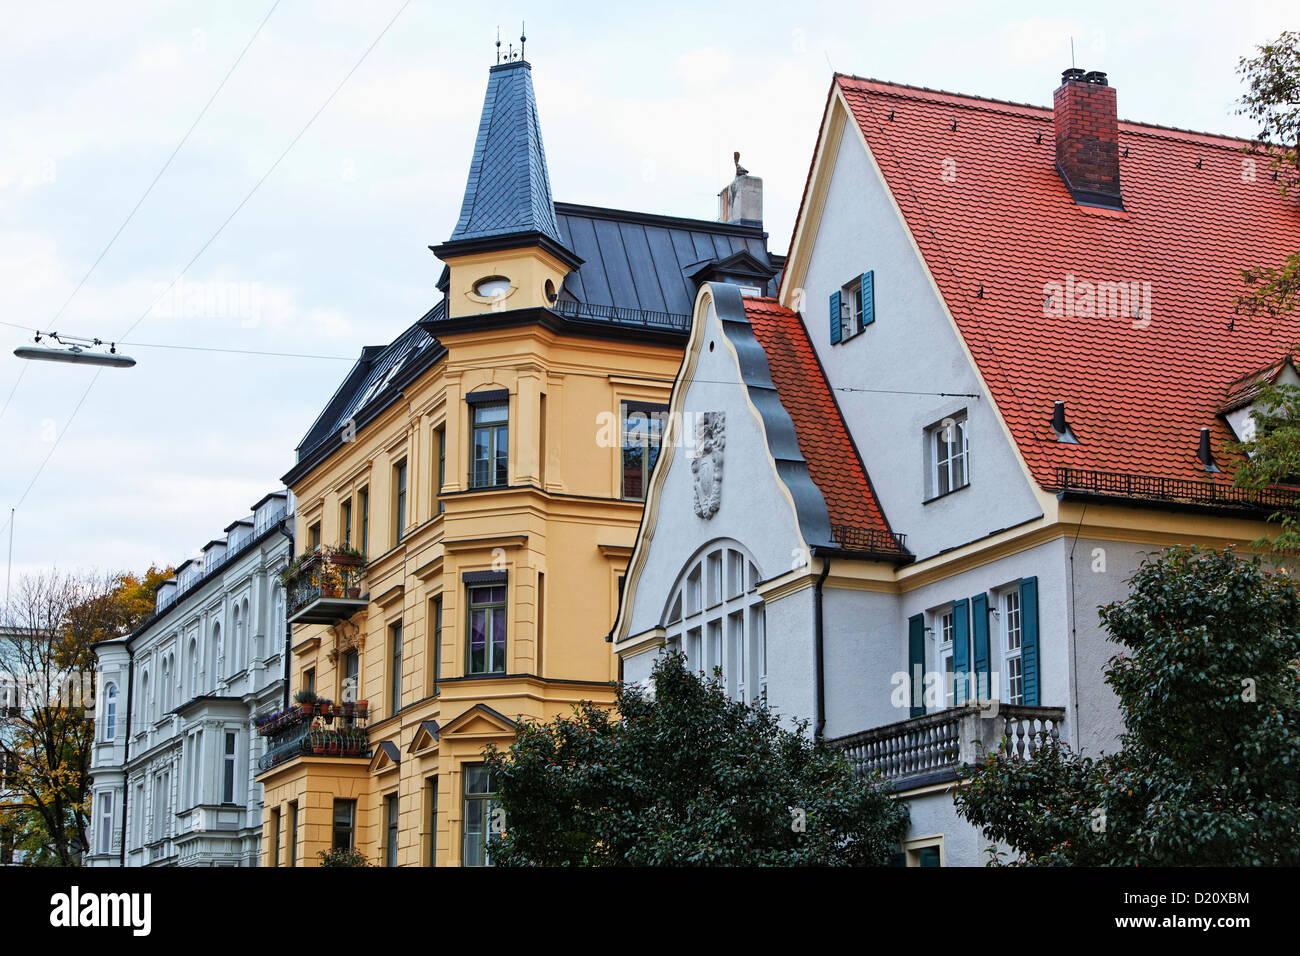 Storico case residenziali in Giselastrasse, Schwabing Monaco di Baviera, Baviera, Baviera, Germania, Europa Immagini Stock